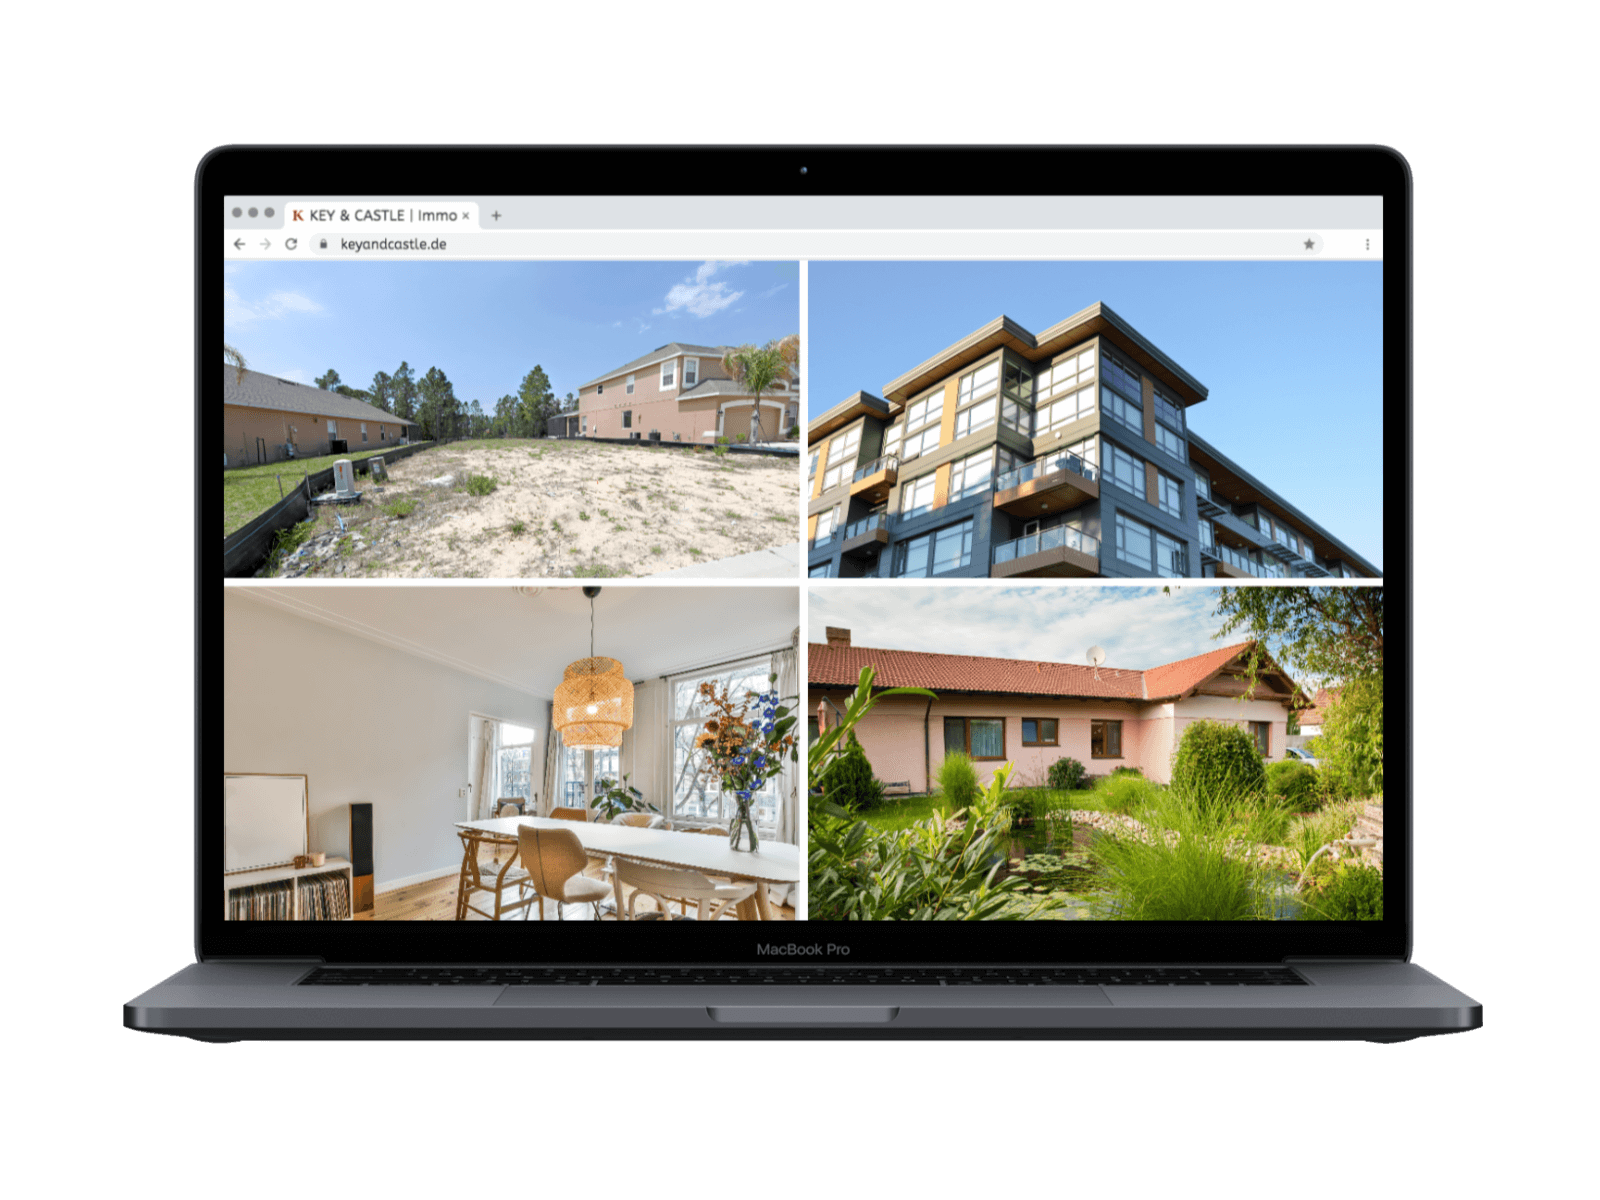 MacBook von Apple mit Immobilien Bilder.